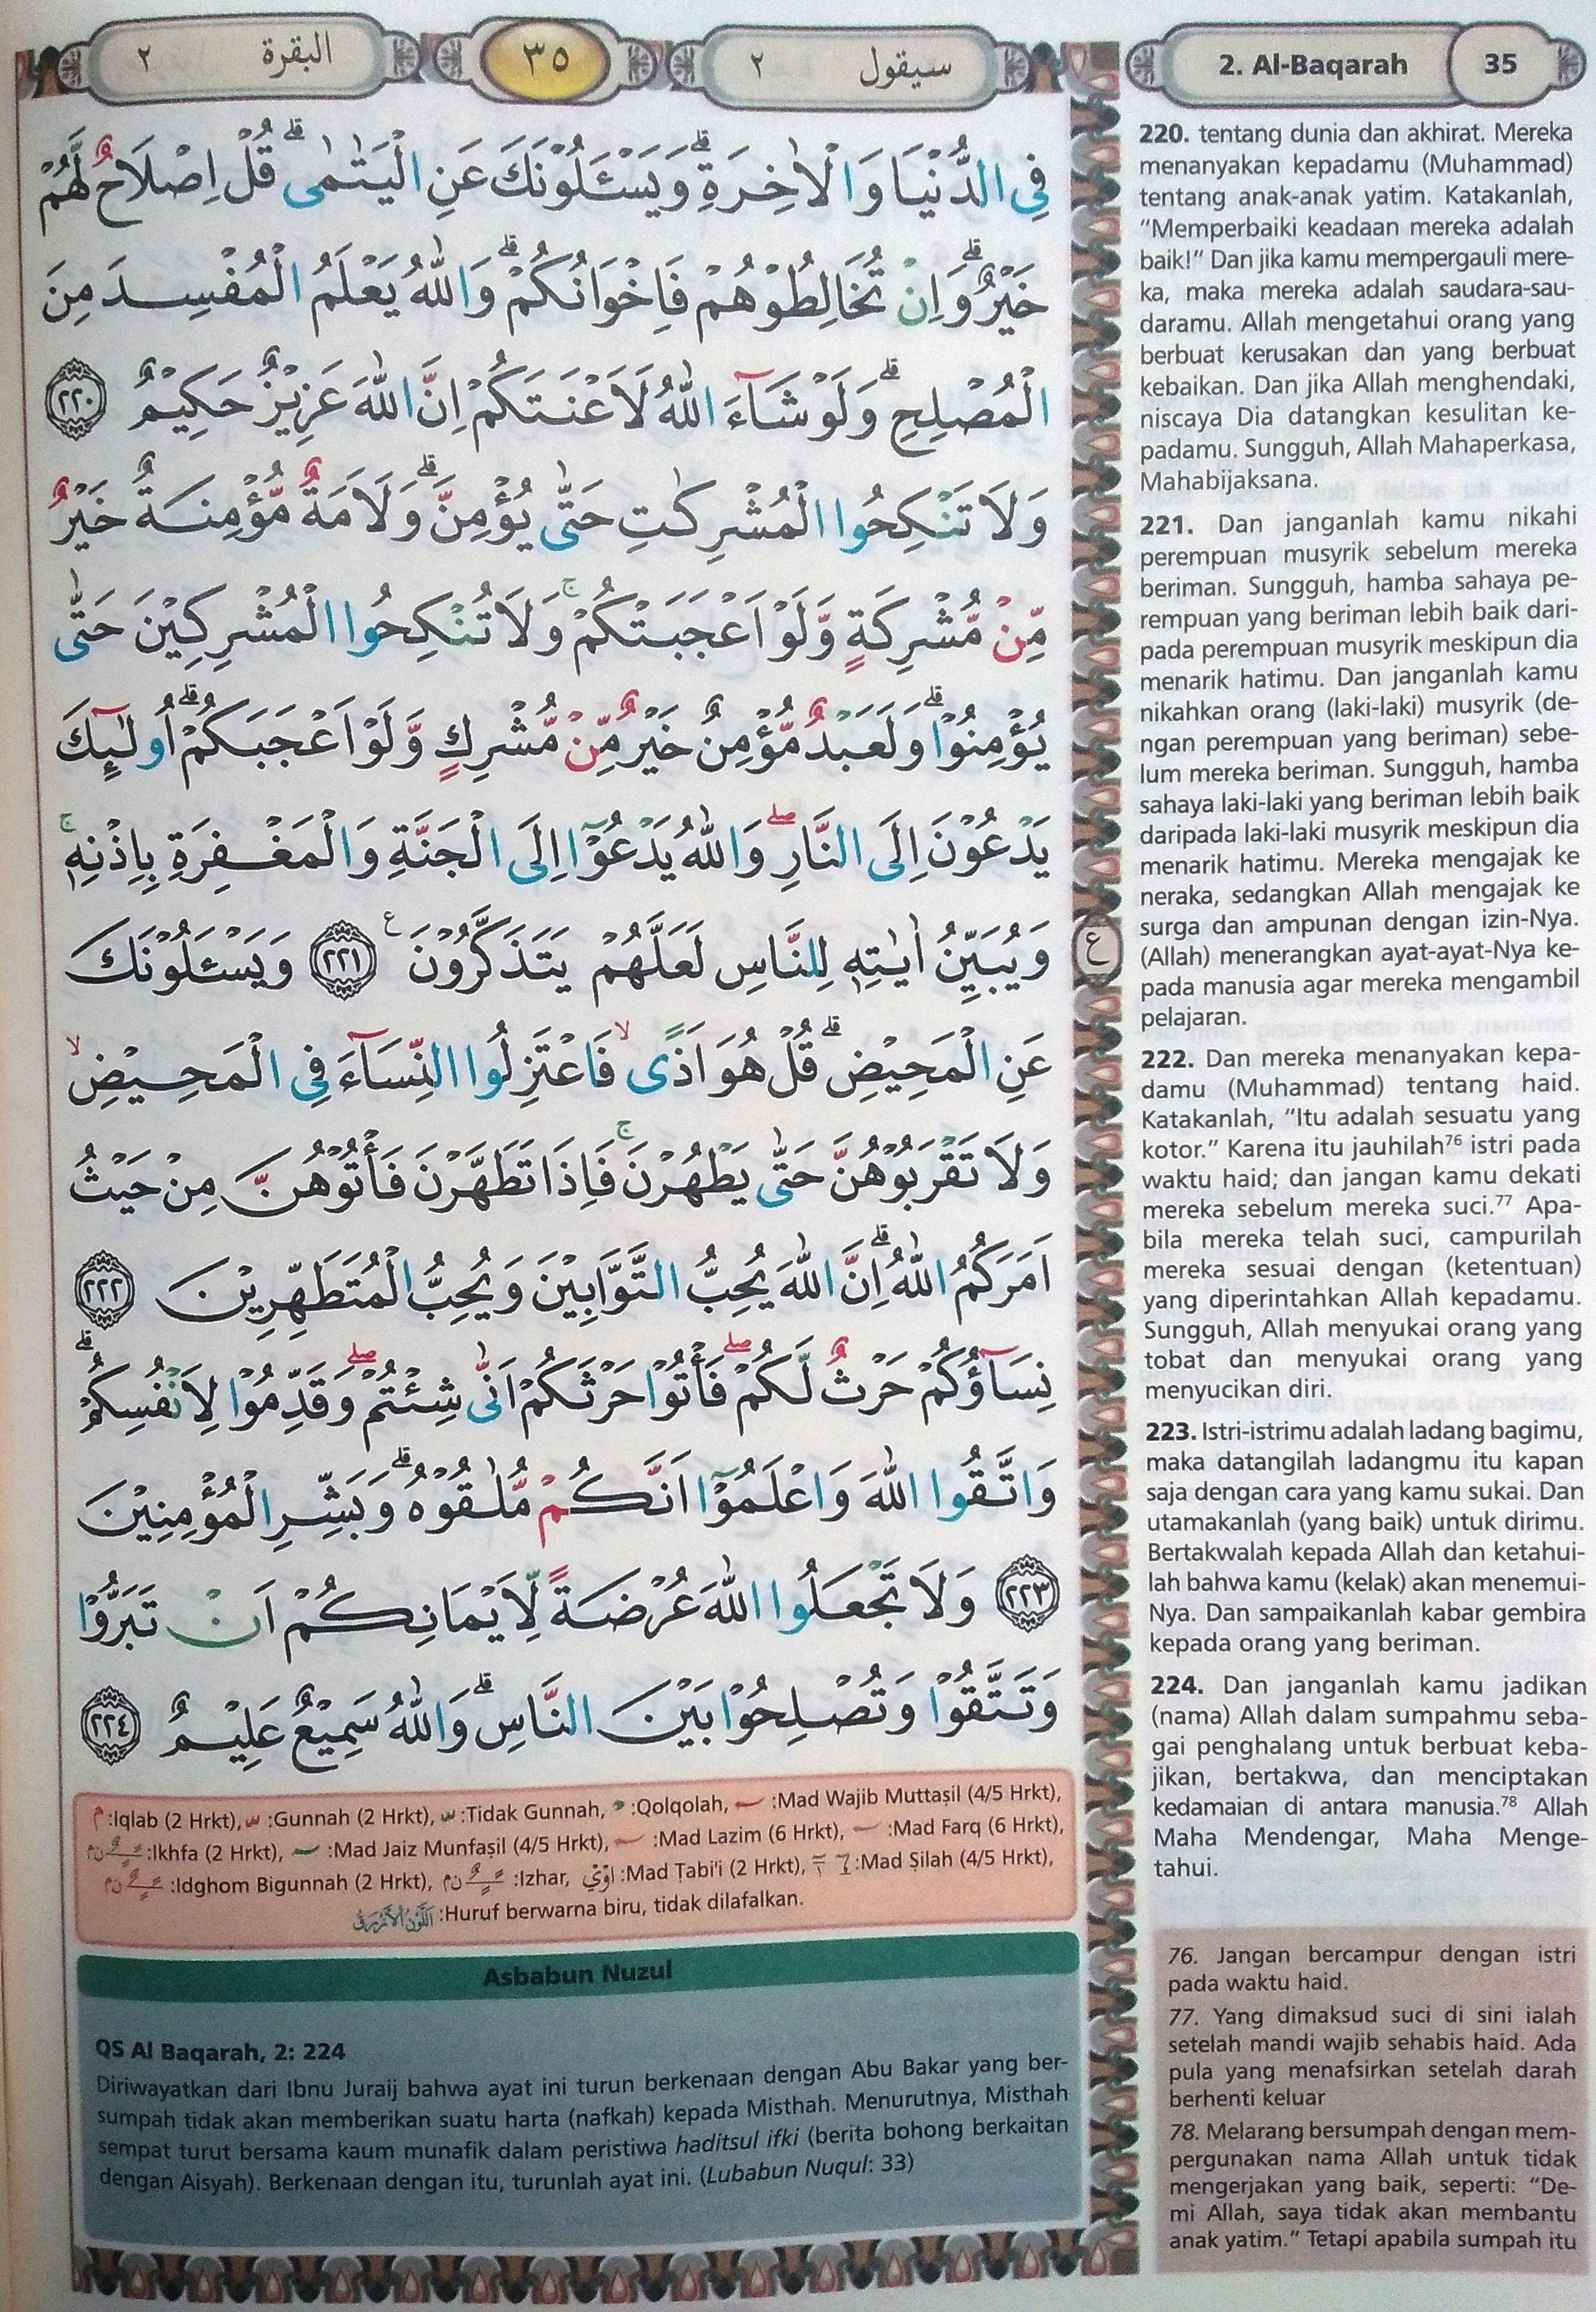 Al Baqarah 220-224